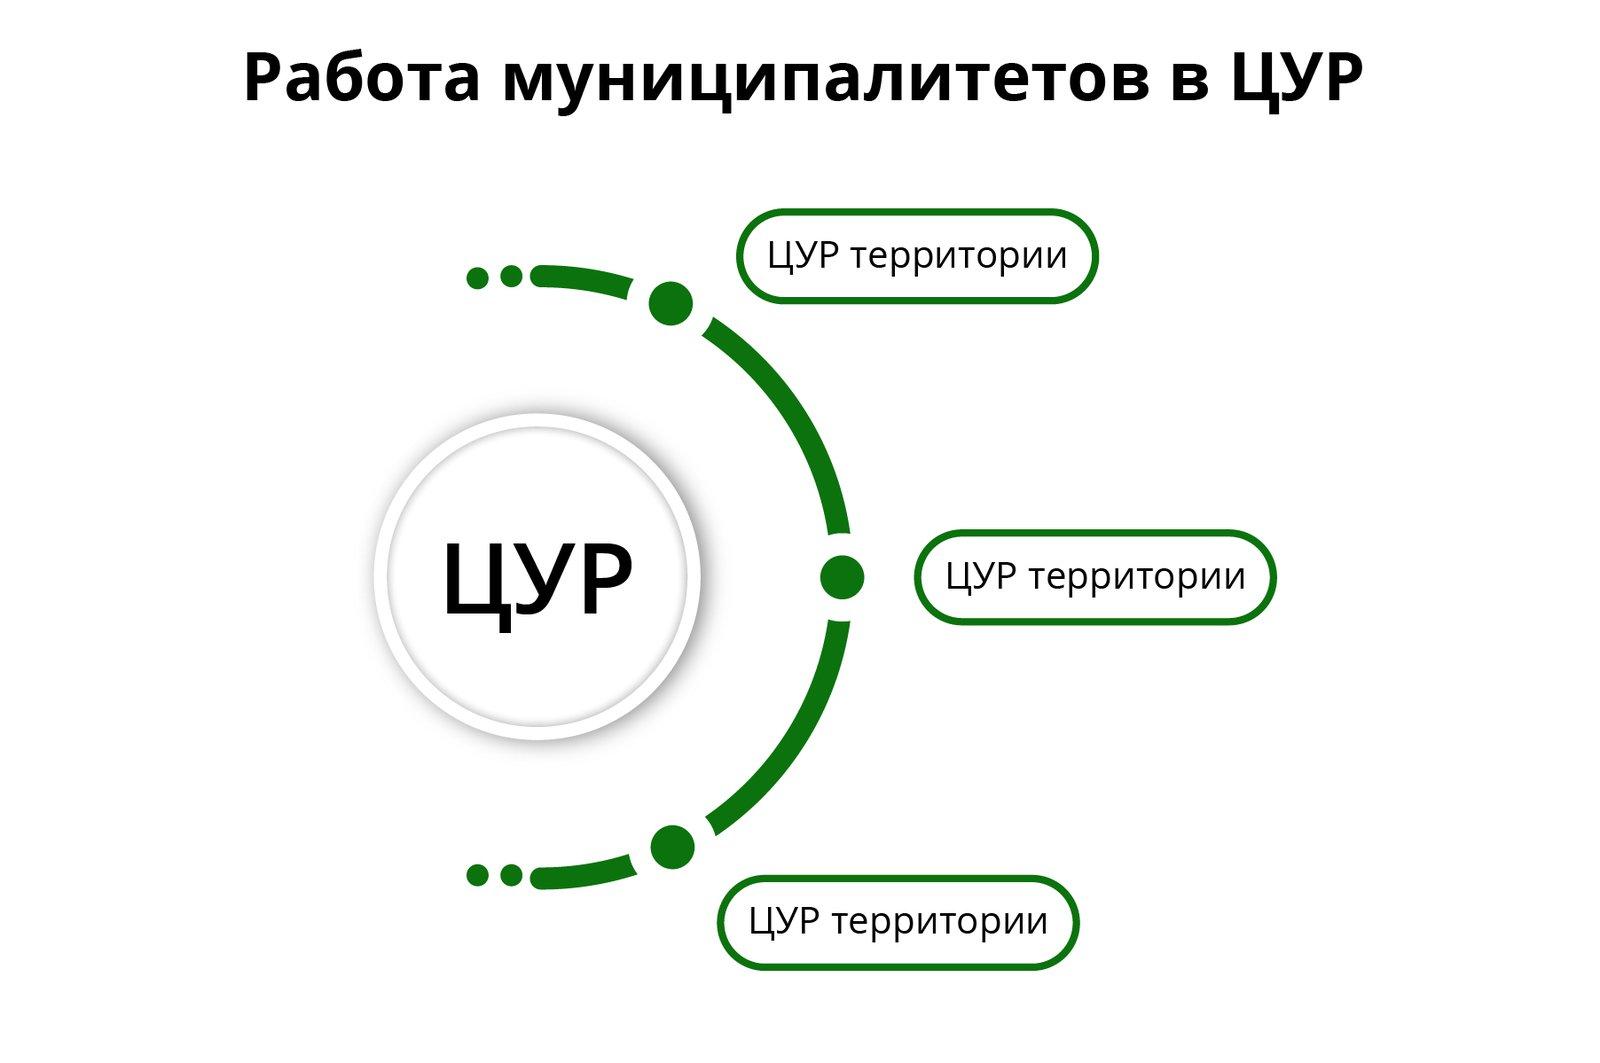 Андрей Воробьев губернатор московской области - Знаем, решаем, не допускаем. Как работает ЦУР